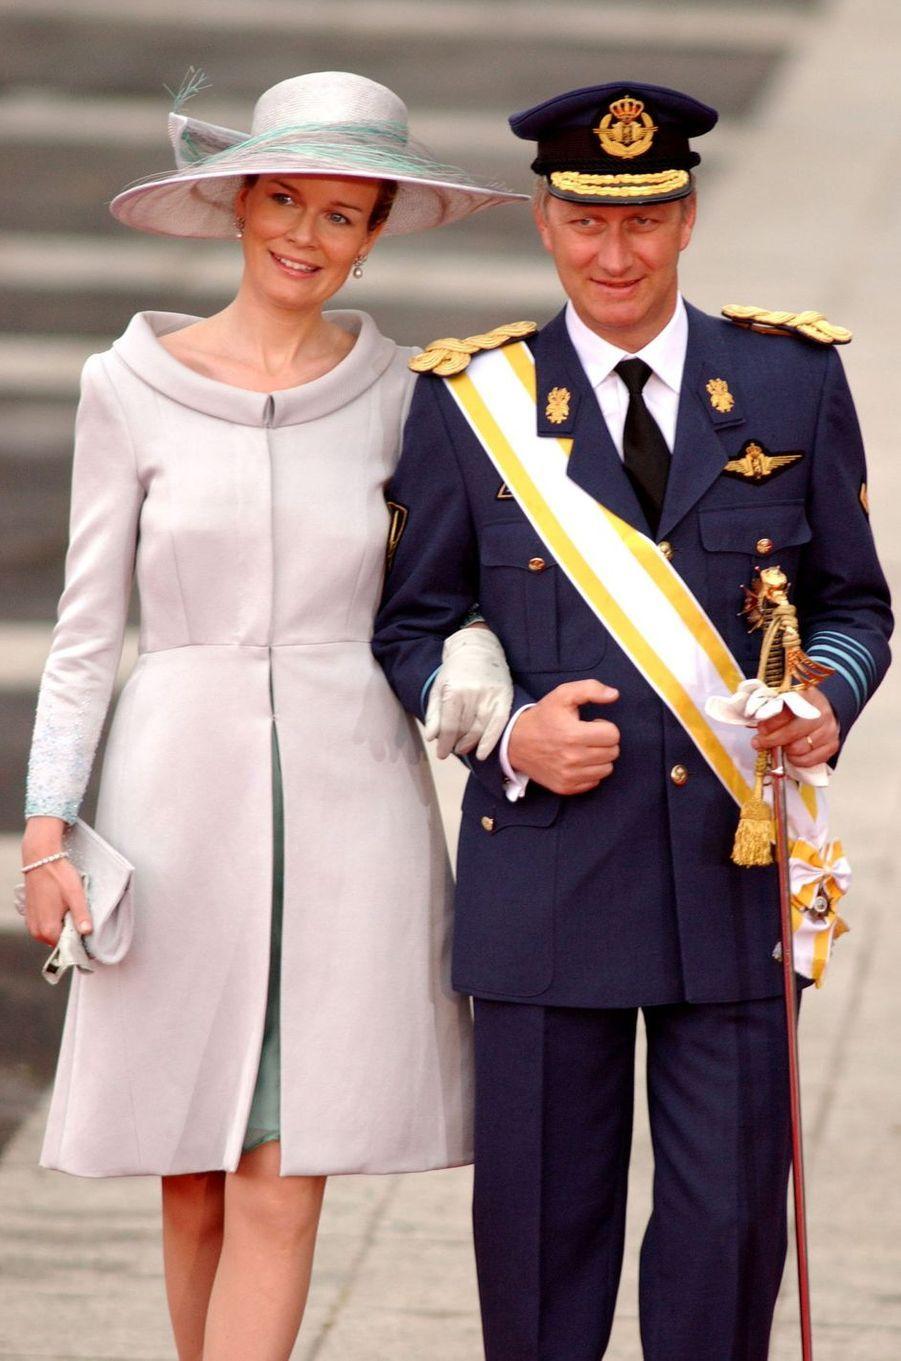 La princesse Mathilde et le prince héritier Philippe de Belgique à Madrid, le 22 mai 2004